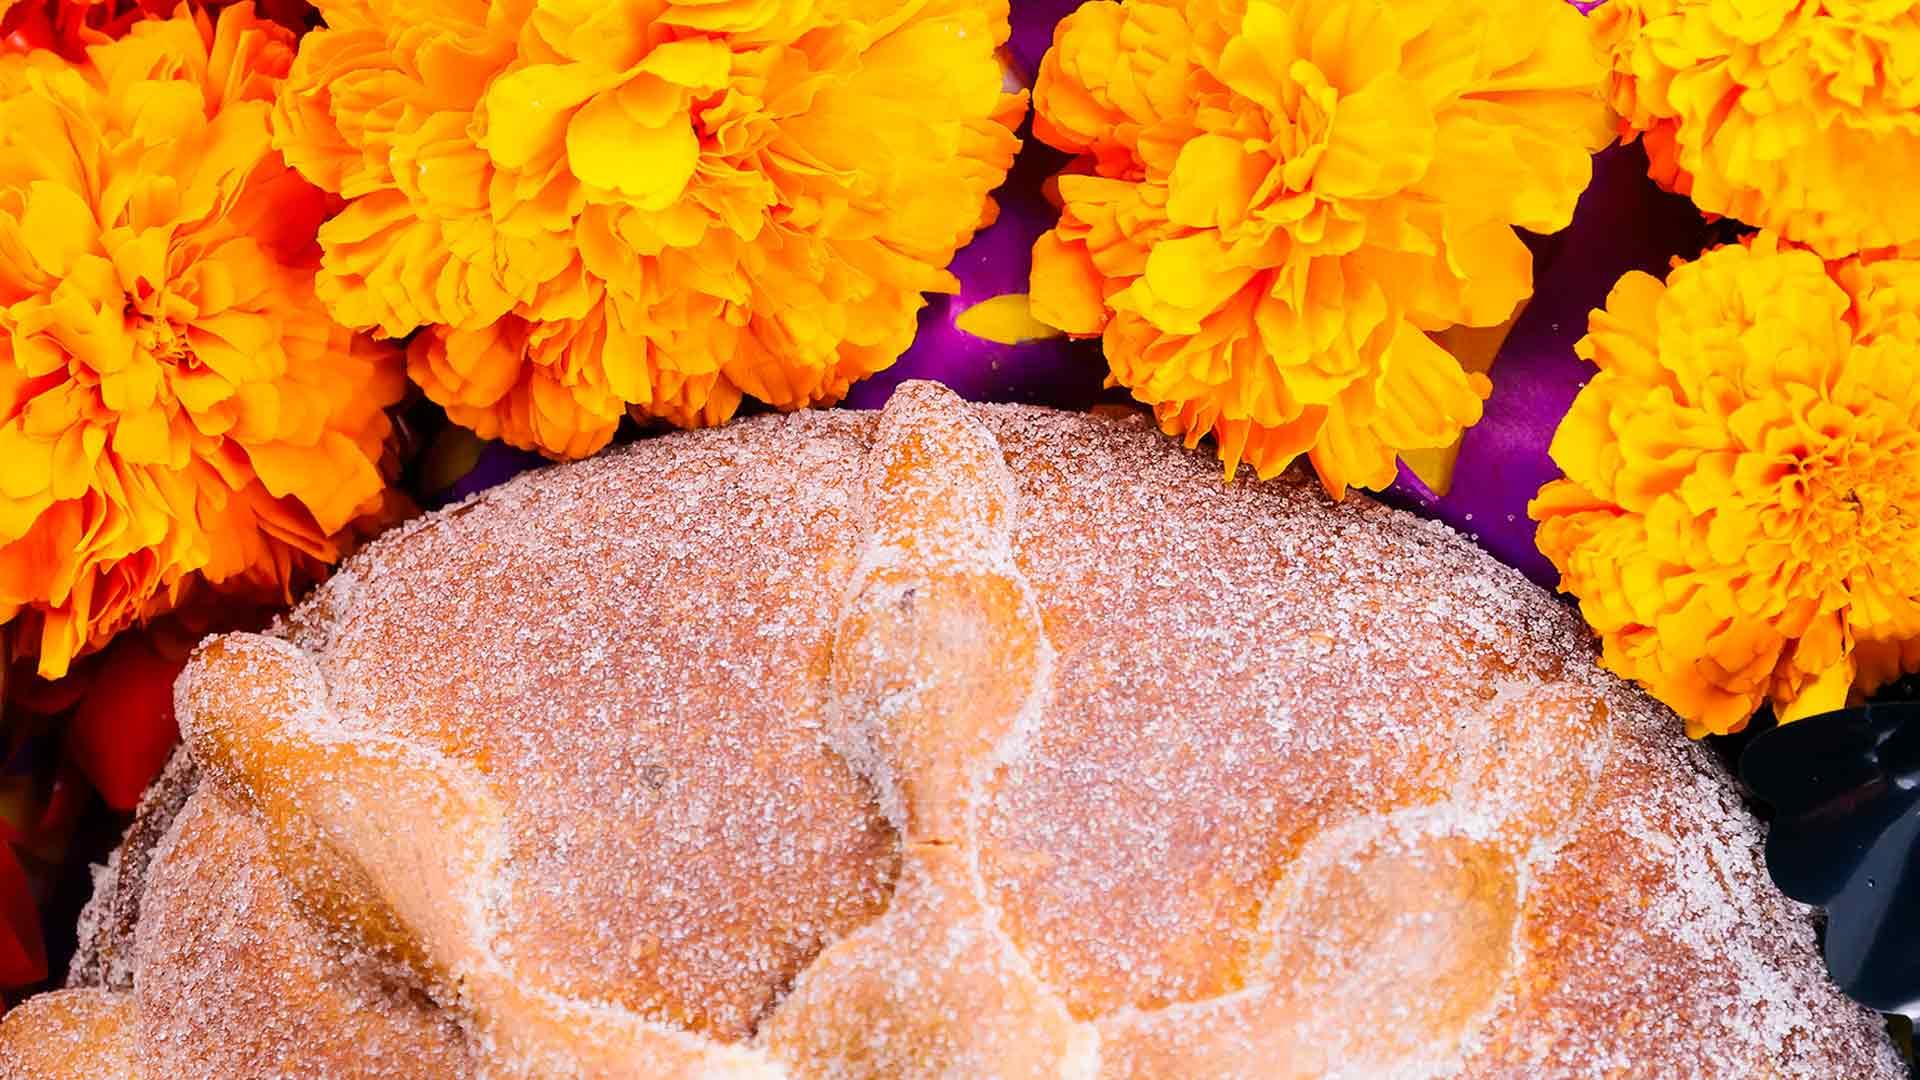 Datos curiosos sobre el pan de muerto